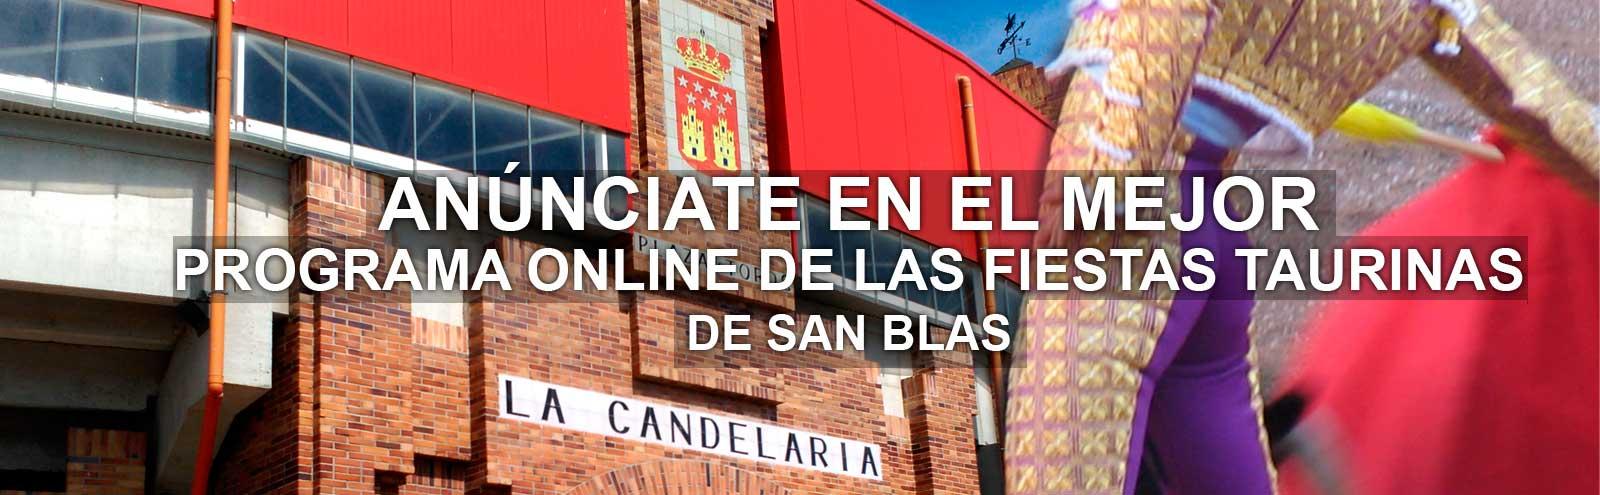 Fiestas San Blas 2016 Anuncios